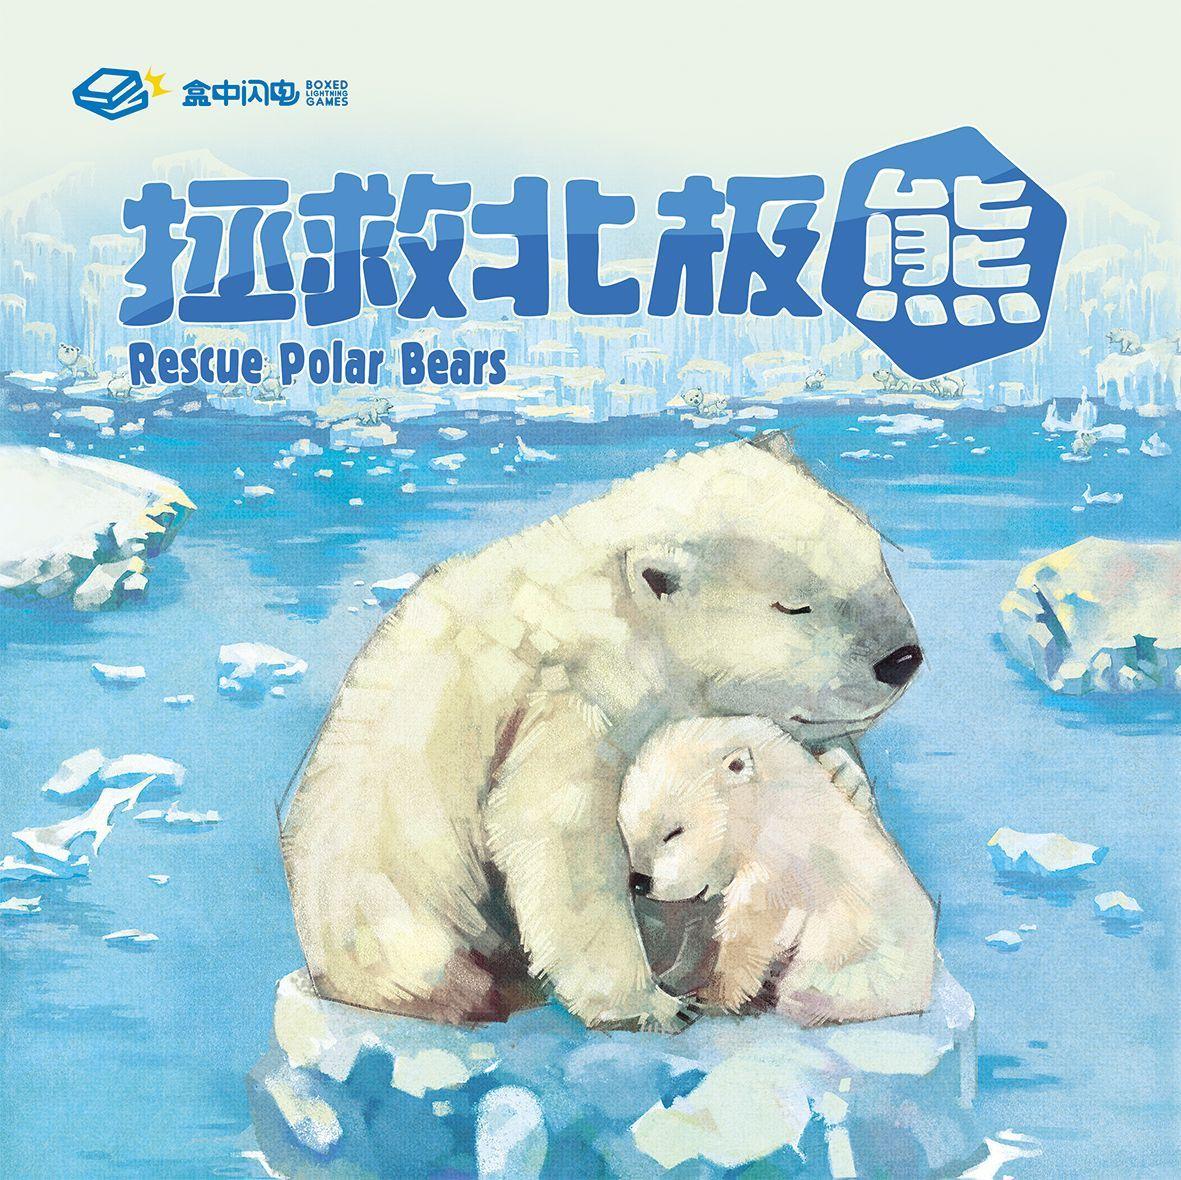 Rescue Polar Bears